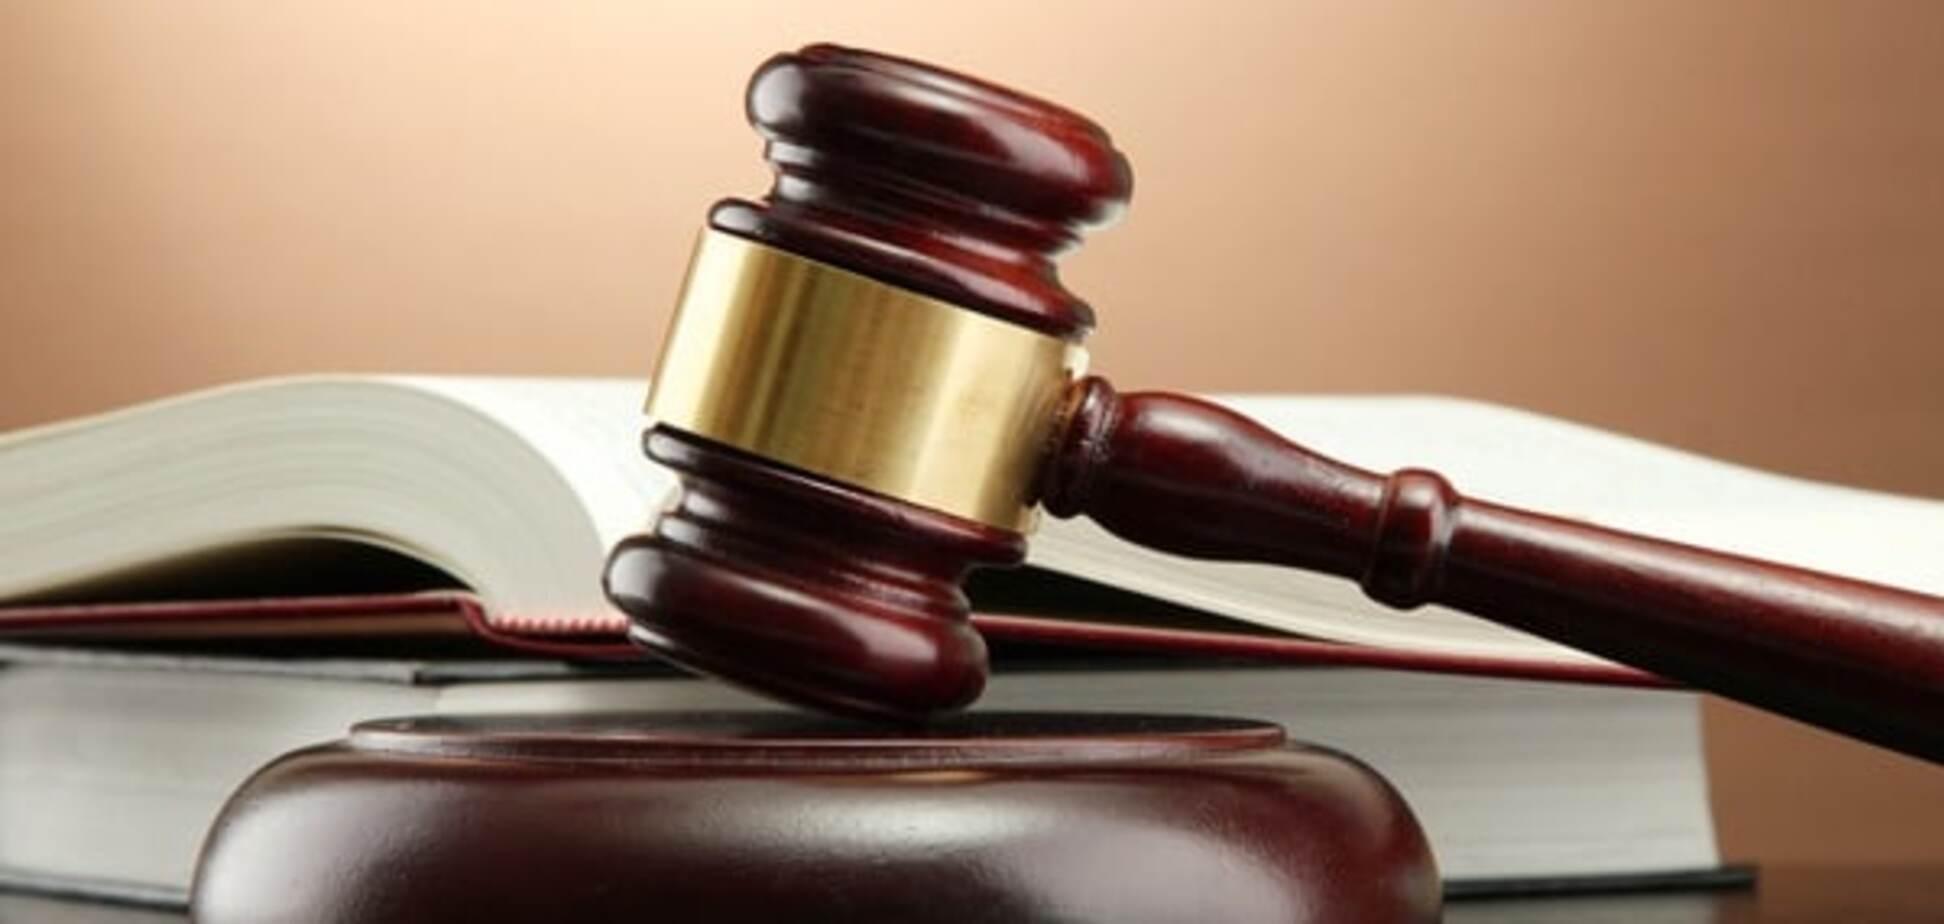 Ляшко: Верховный суд хочет полностью дискредитировать украинское правосудие